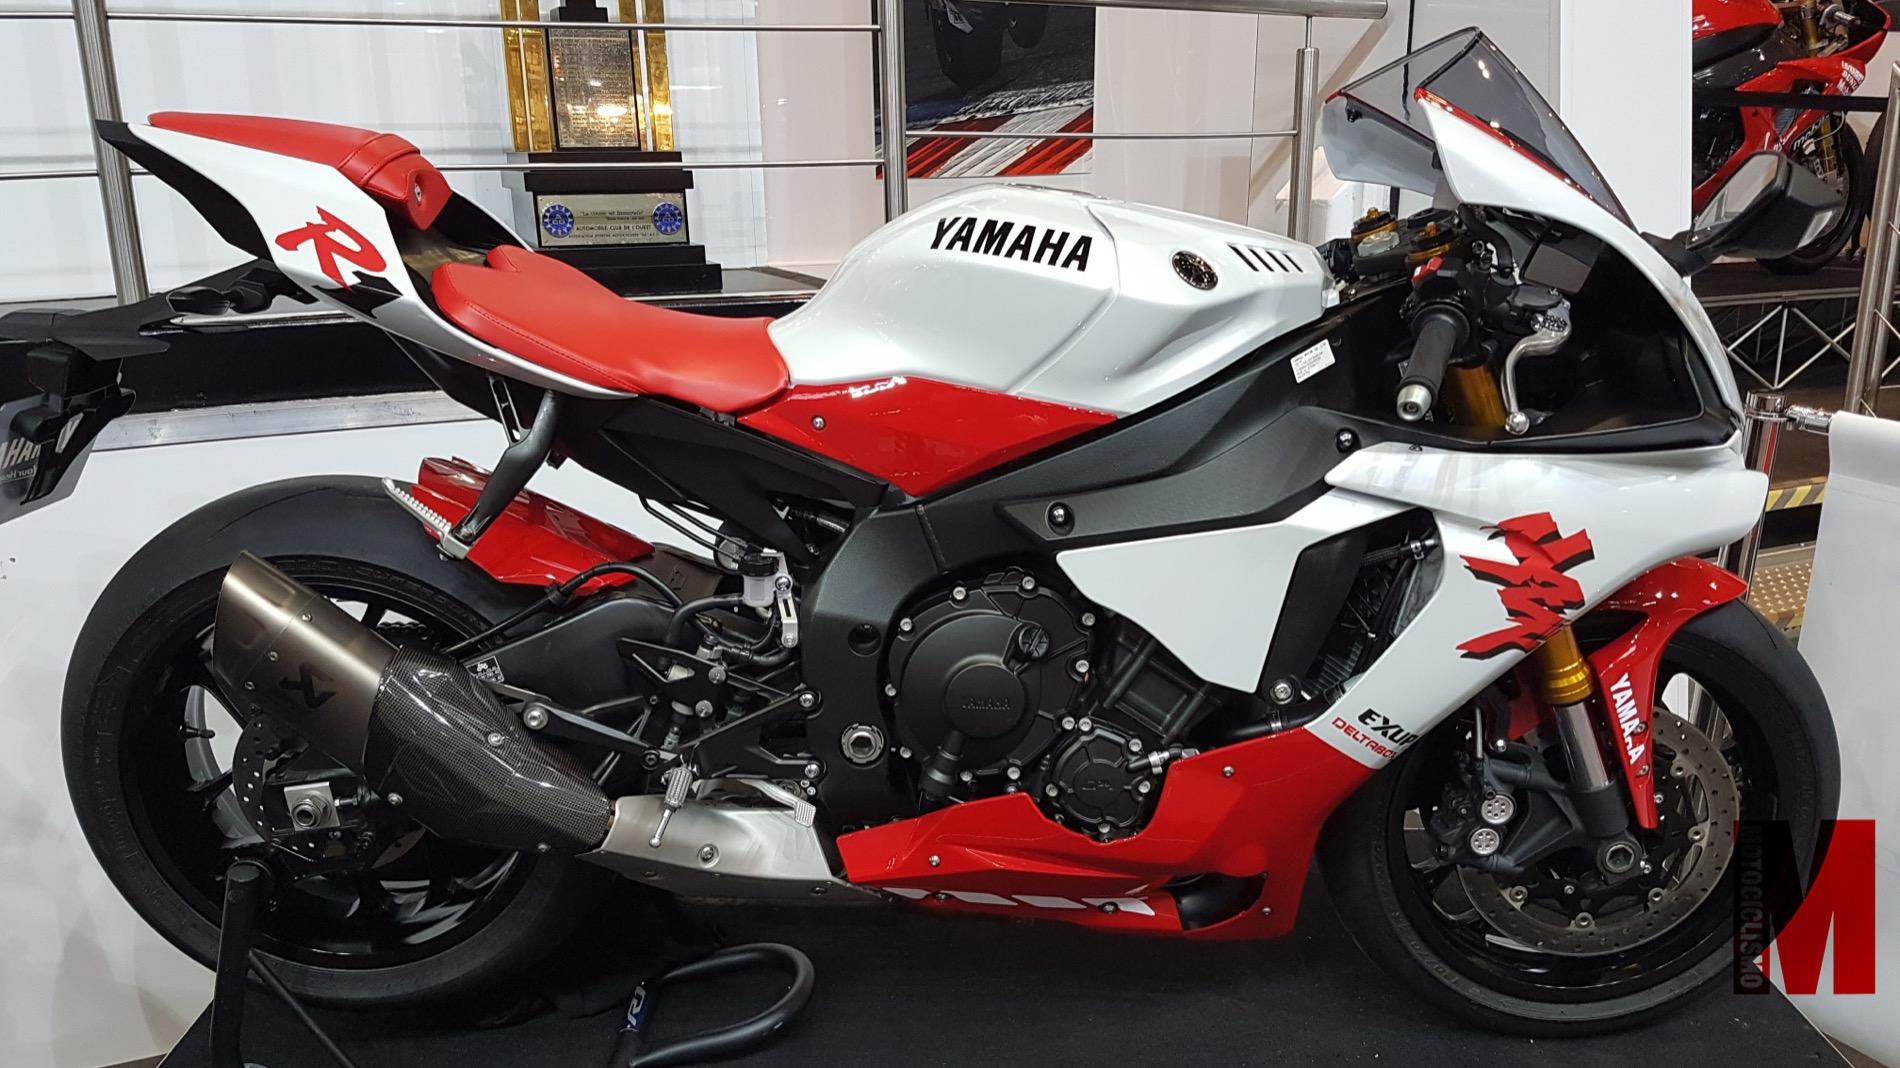 Yamaha YZF-R1 20 Aniversario, quizás la mejor decoración que haya visto esta generación